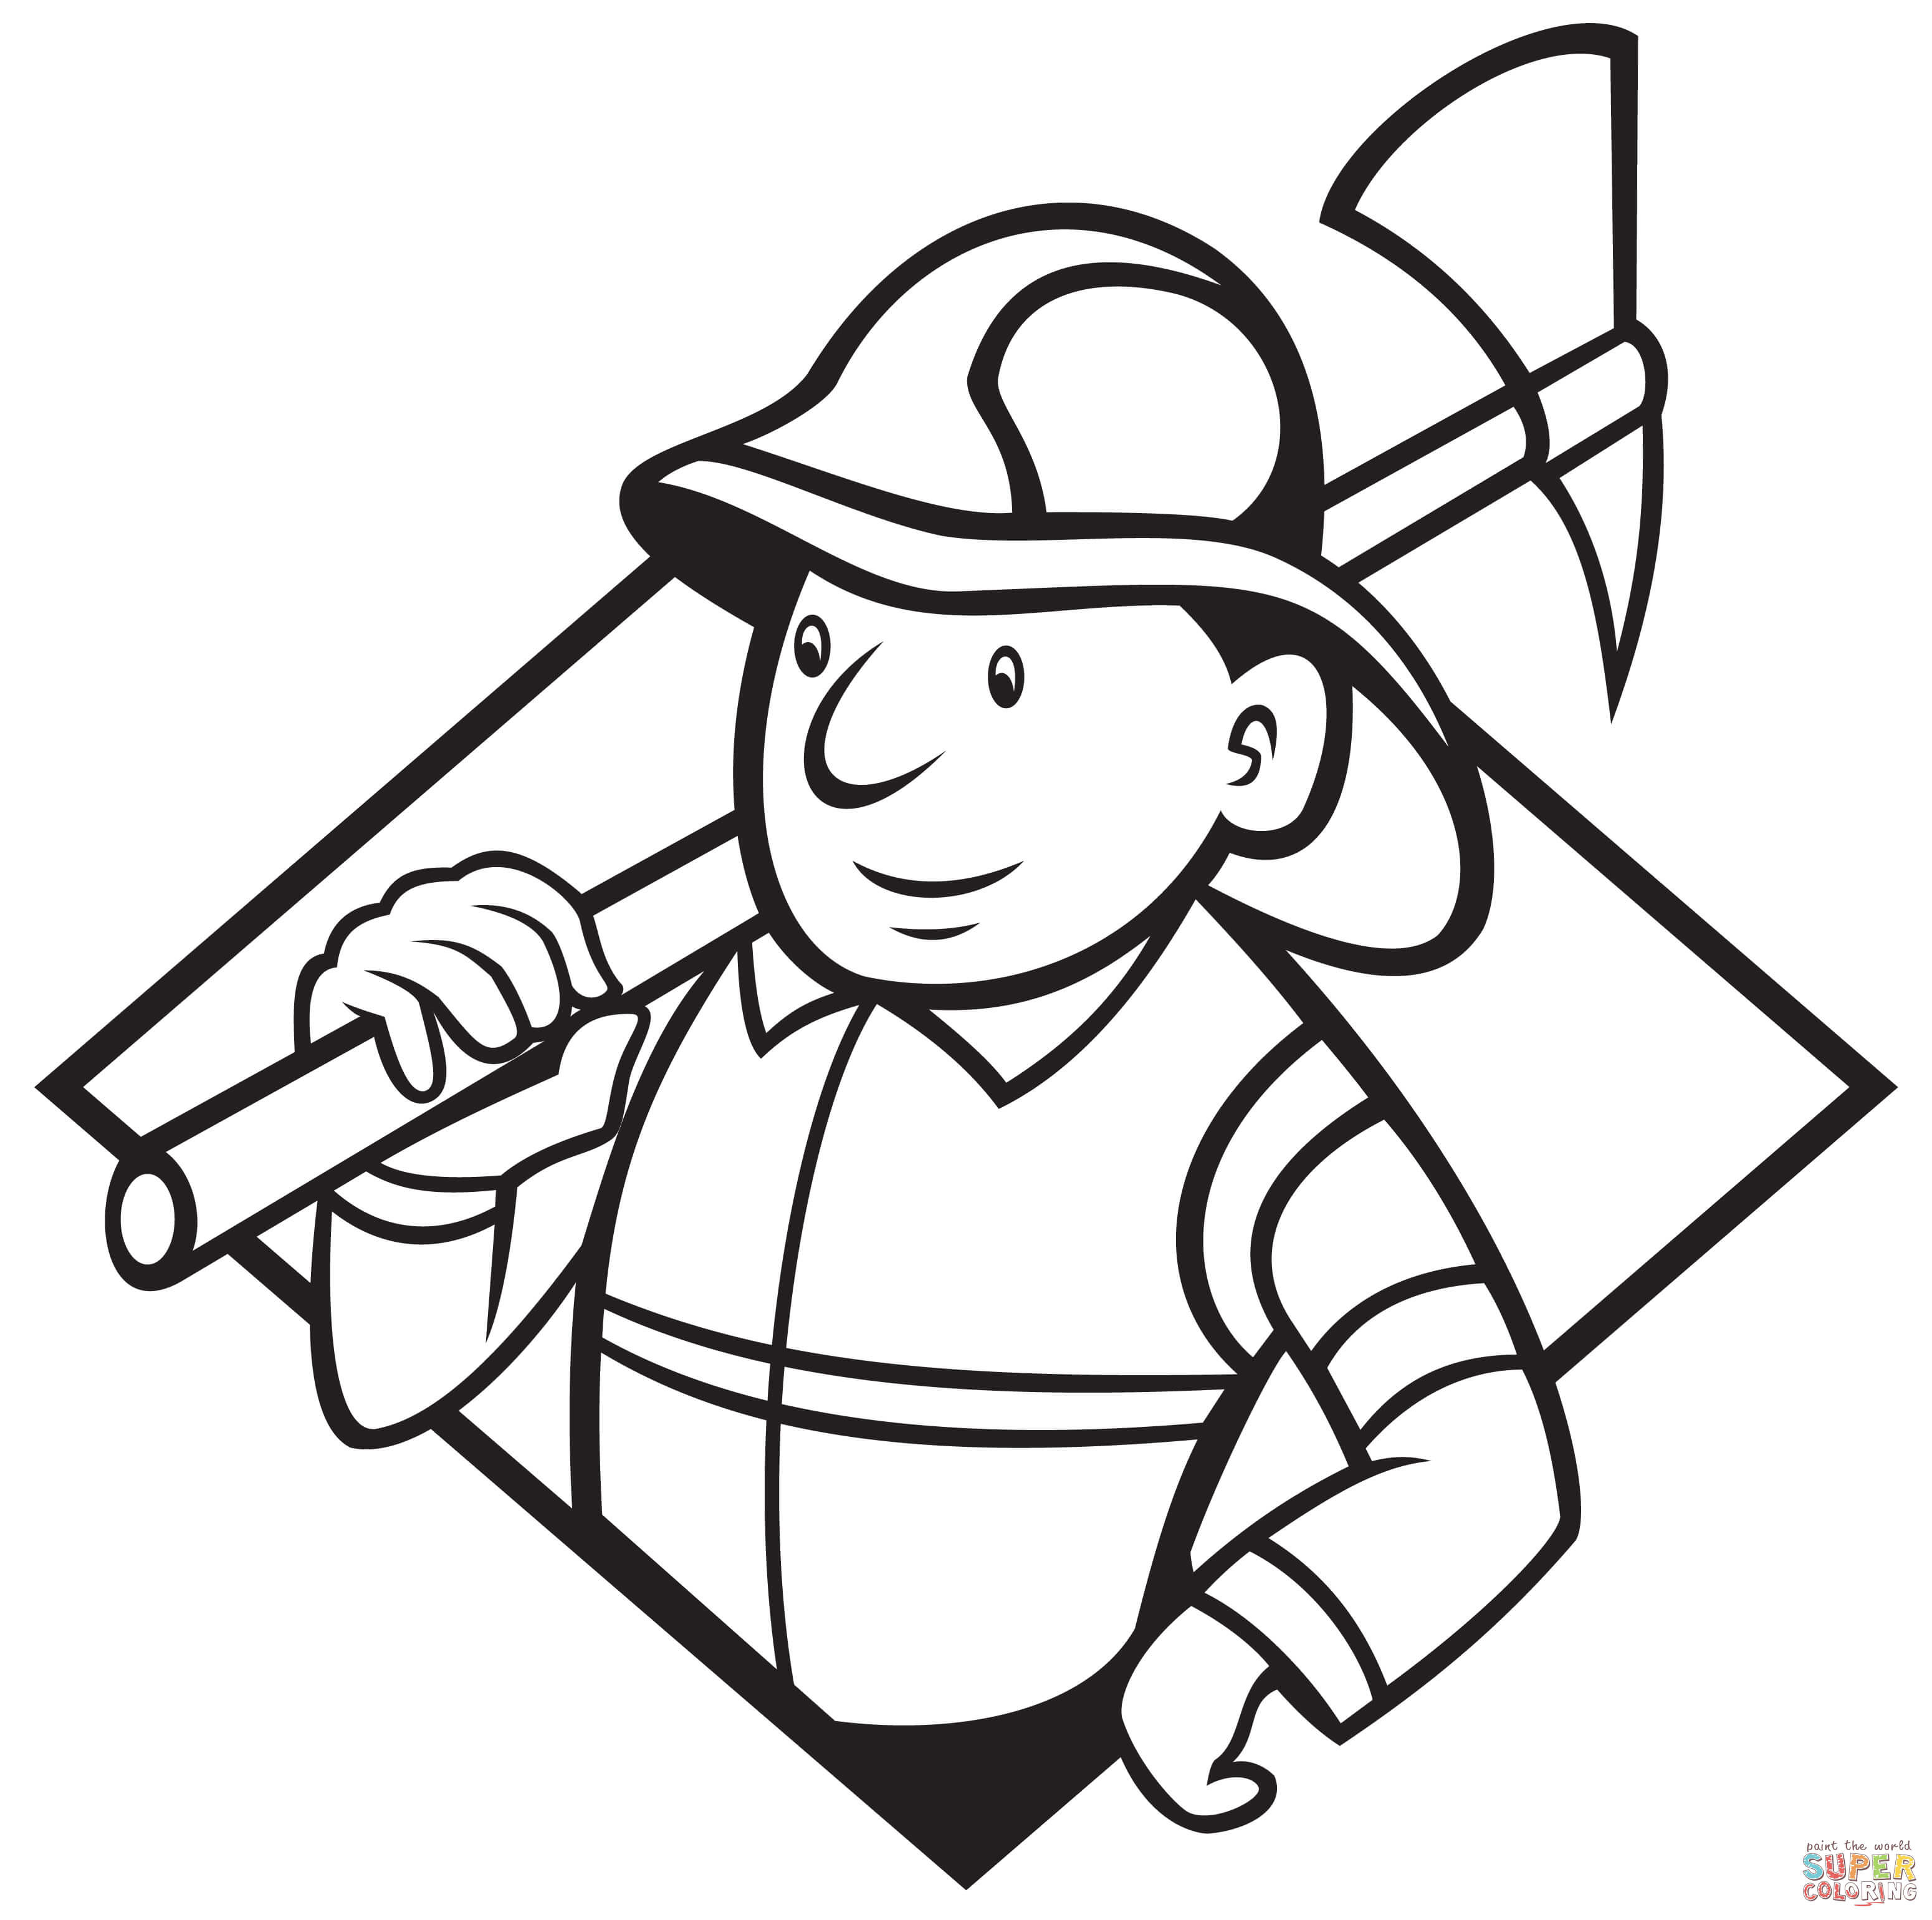 Klick das Bild Feuerwehrmann mit Axt